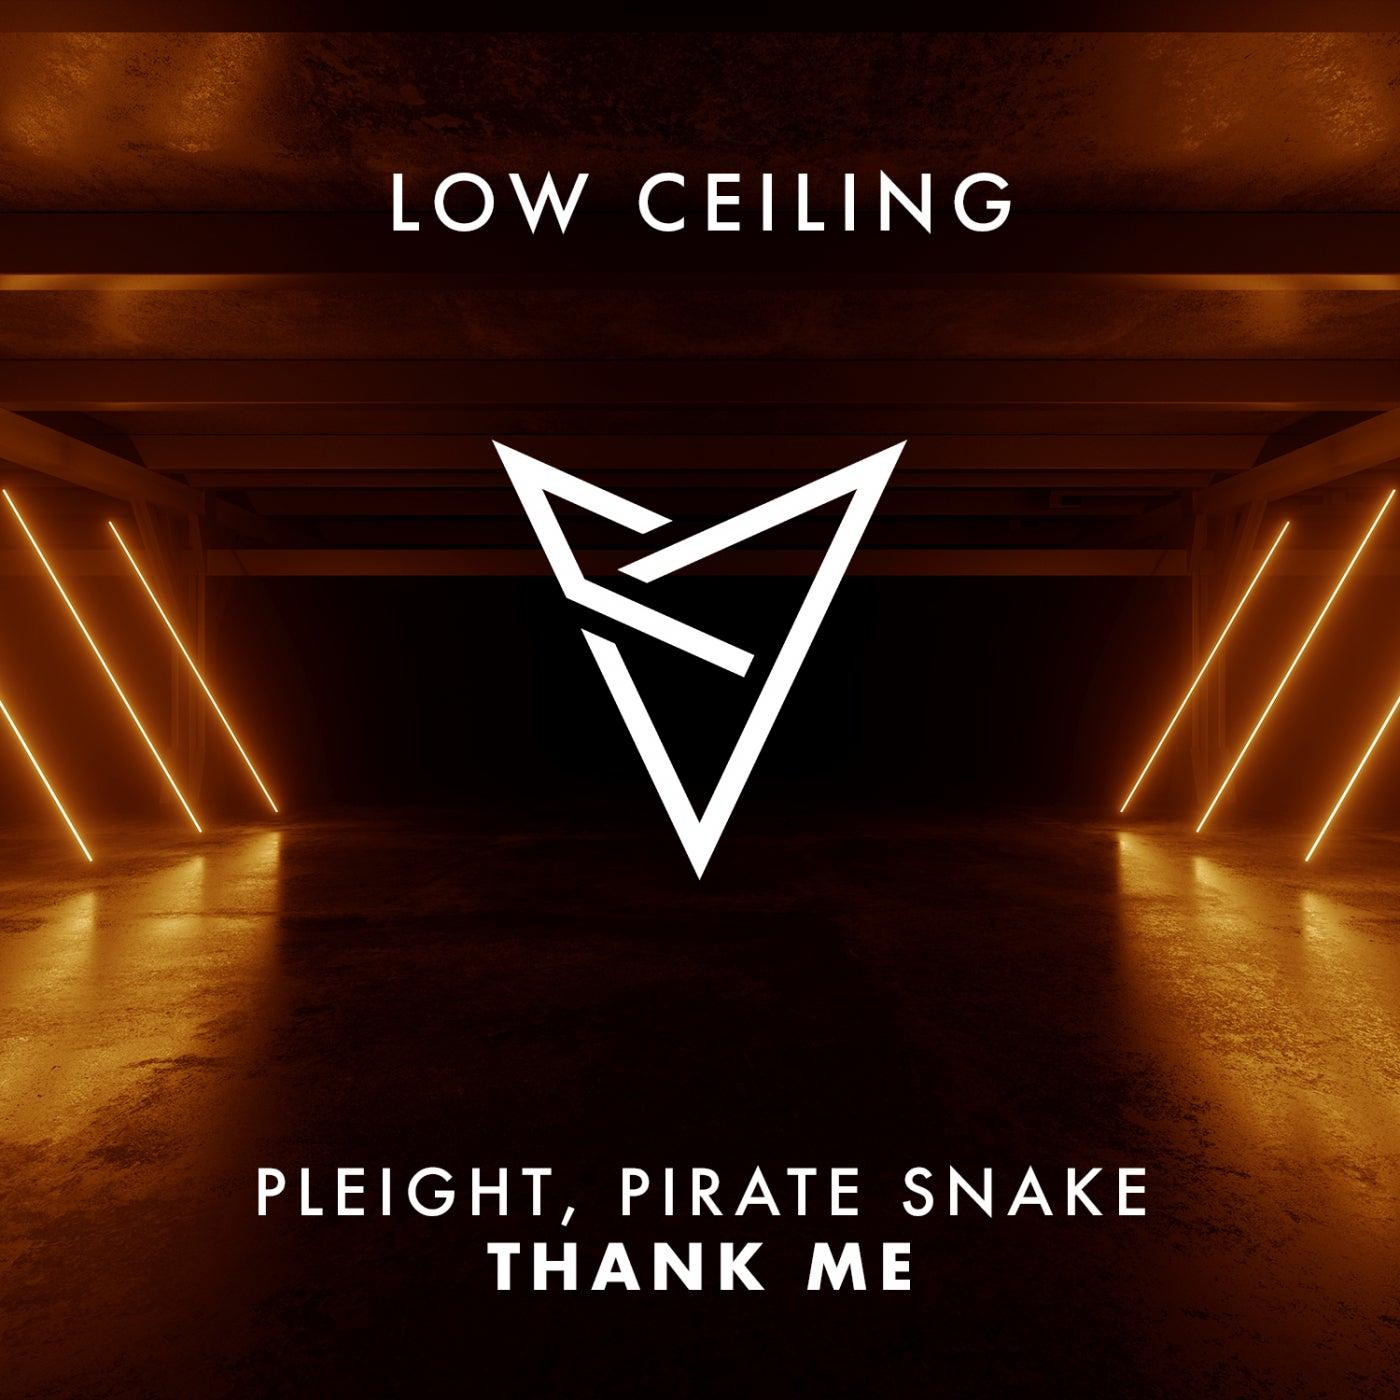 THANK ME (Original Mix)